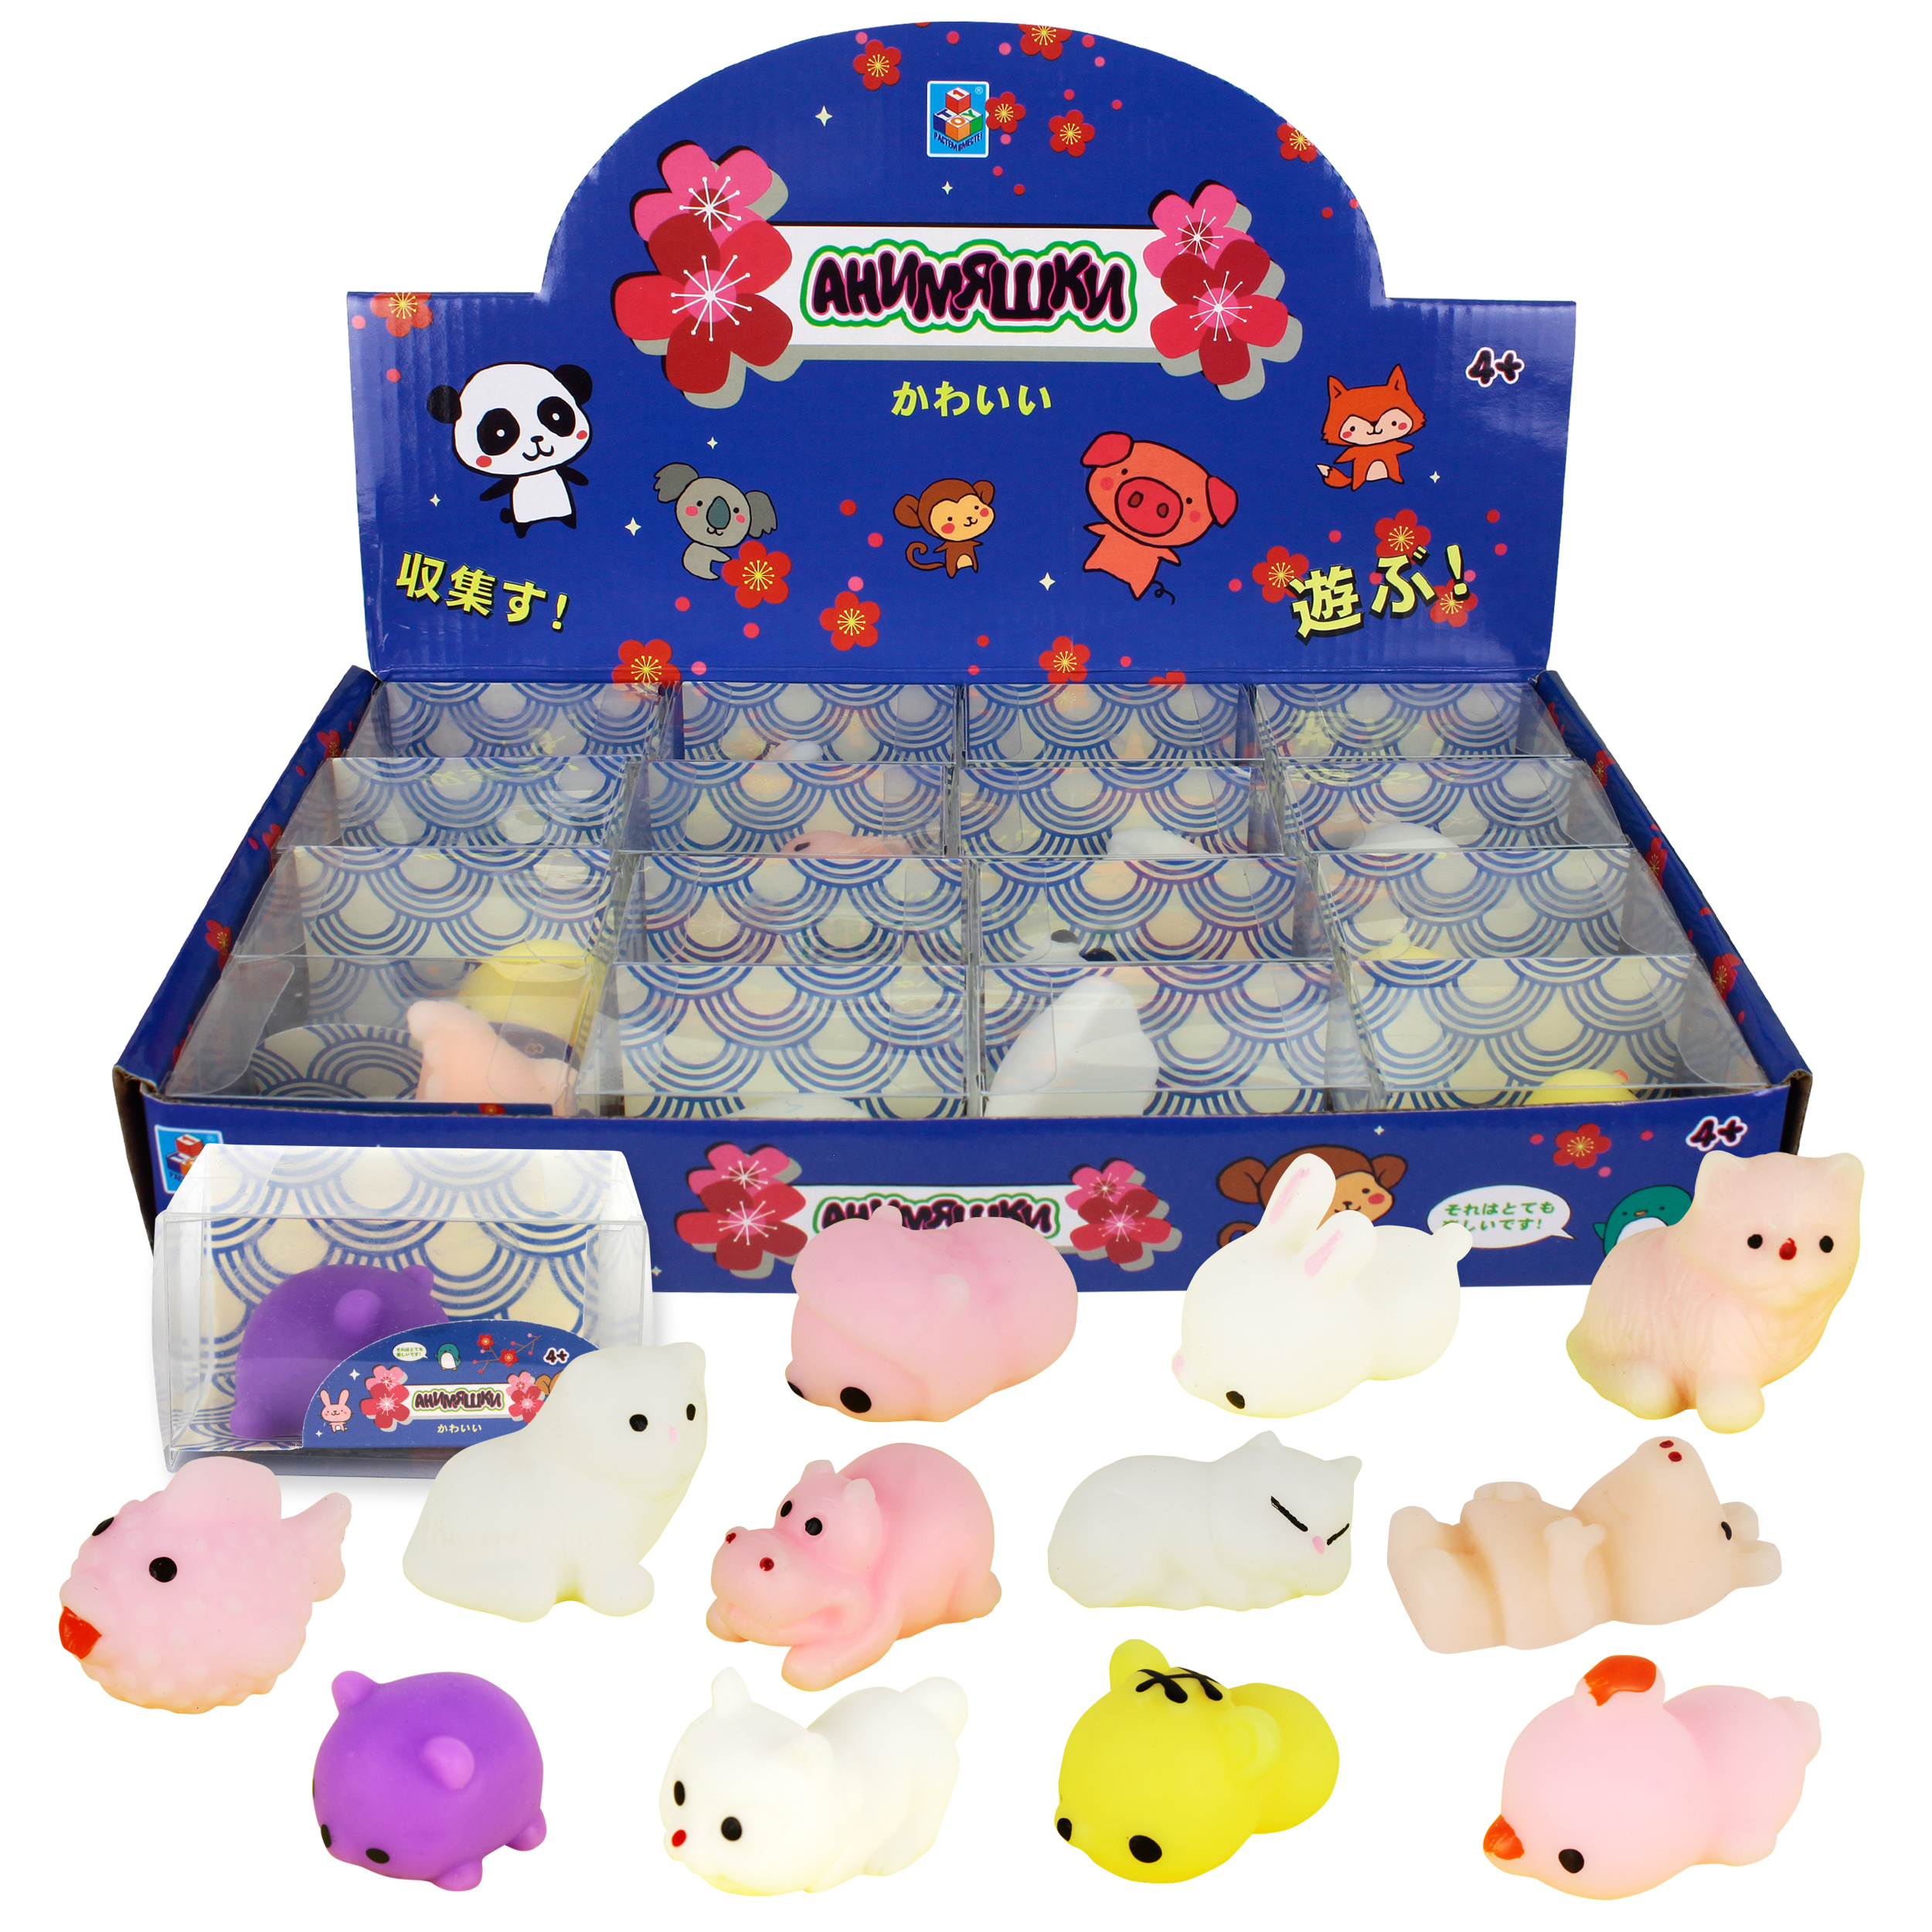 Игрушки-антистресс 1toy Анимяшки. Животные военные игрушки для детей gaming heads 1 4